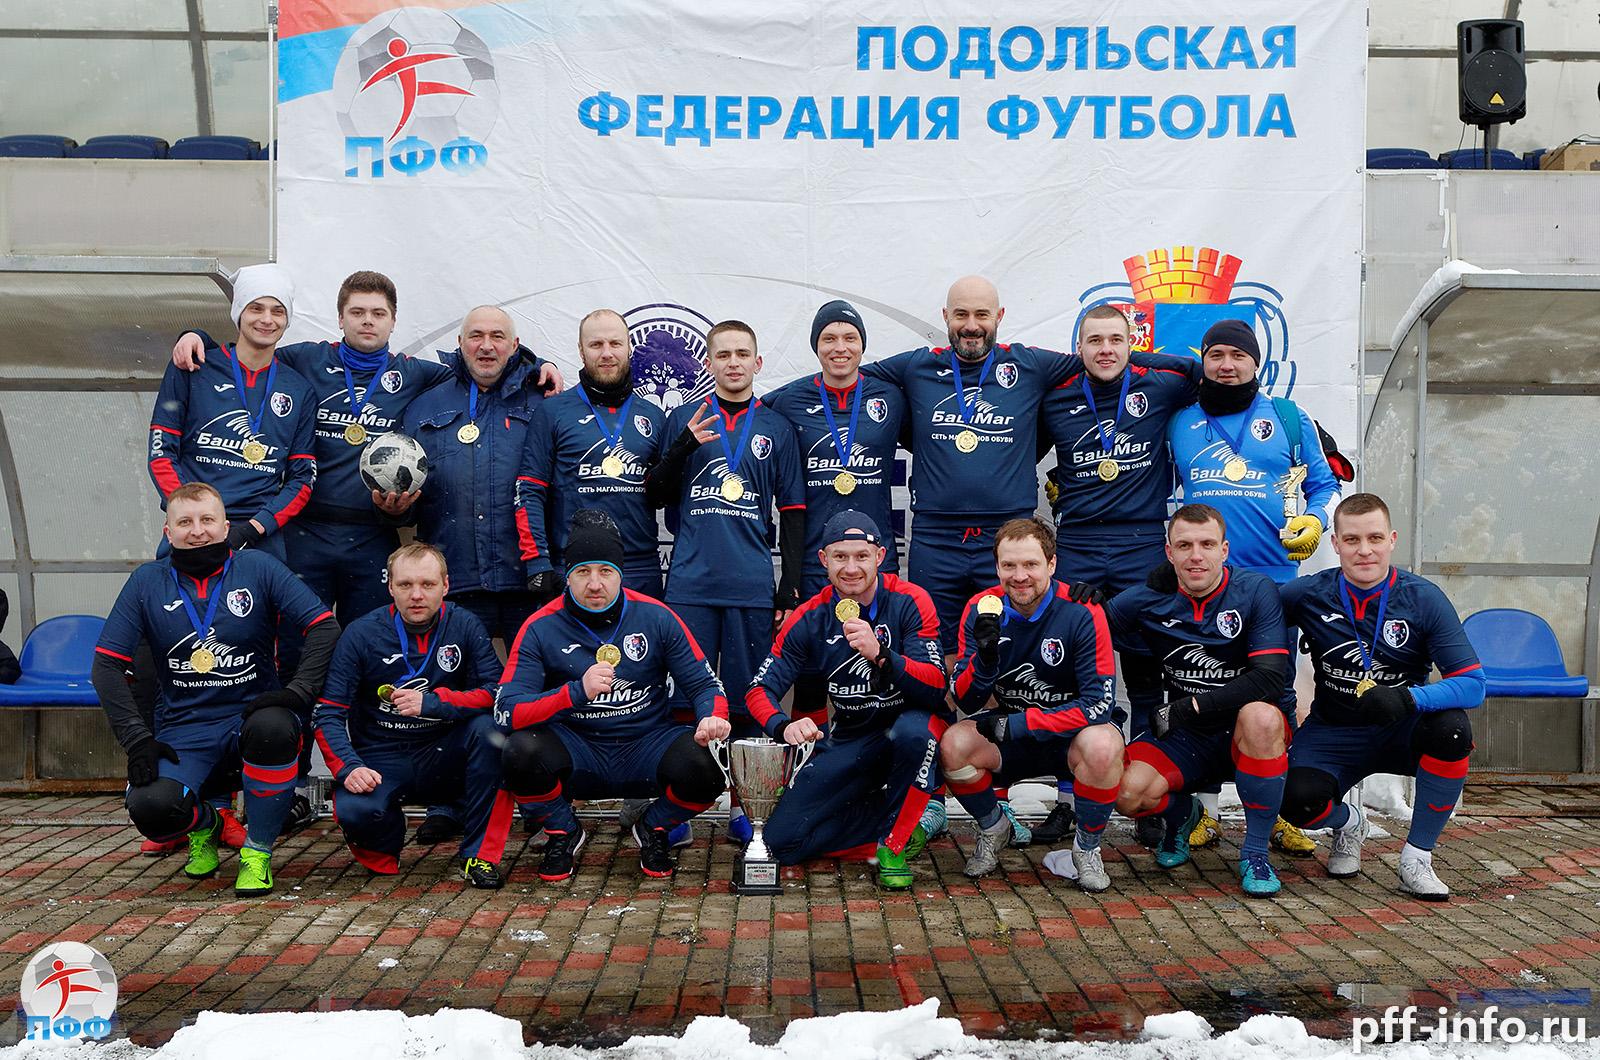 Сергей Крючков: «В головах у каждого была мысль, что выиграем турнир»